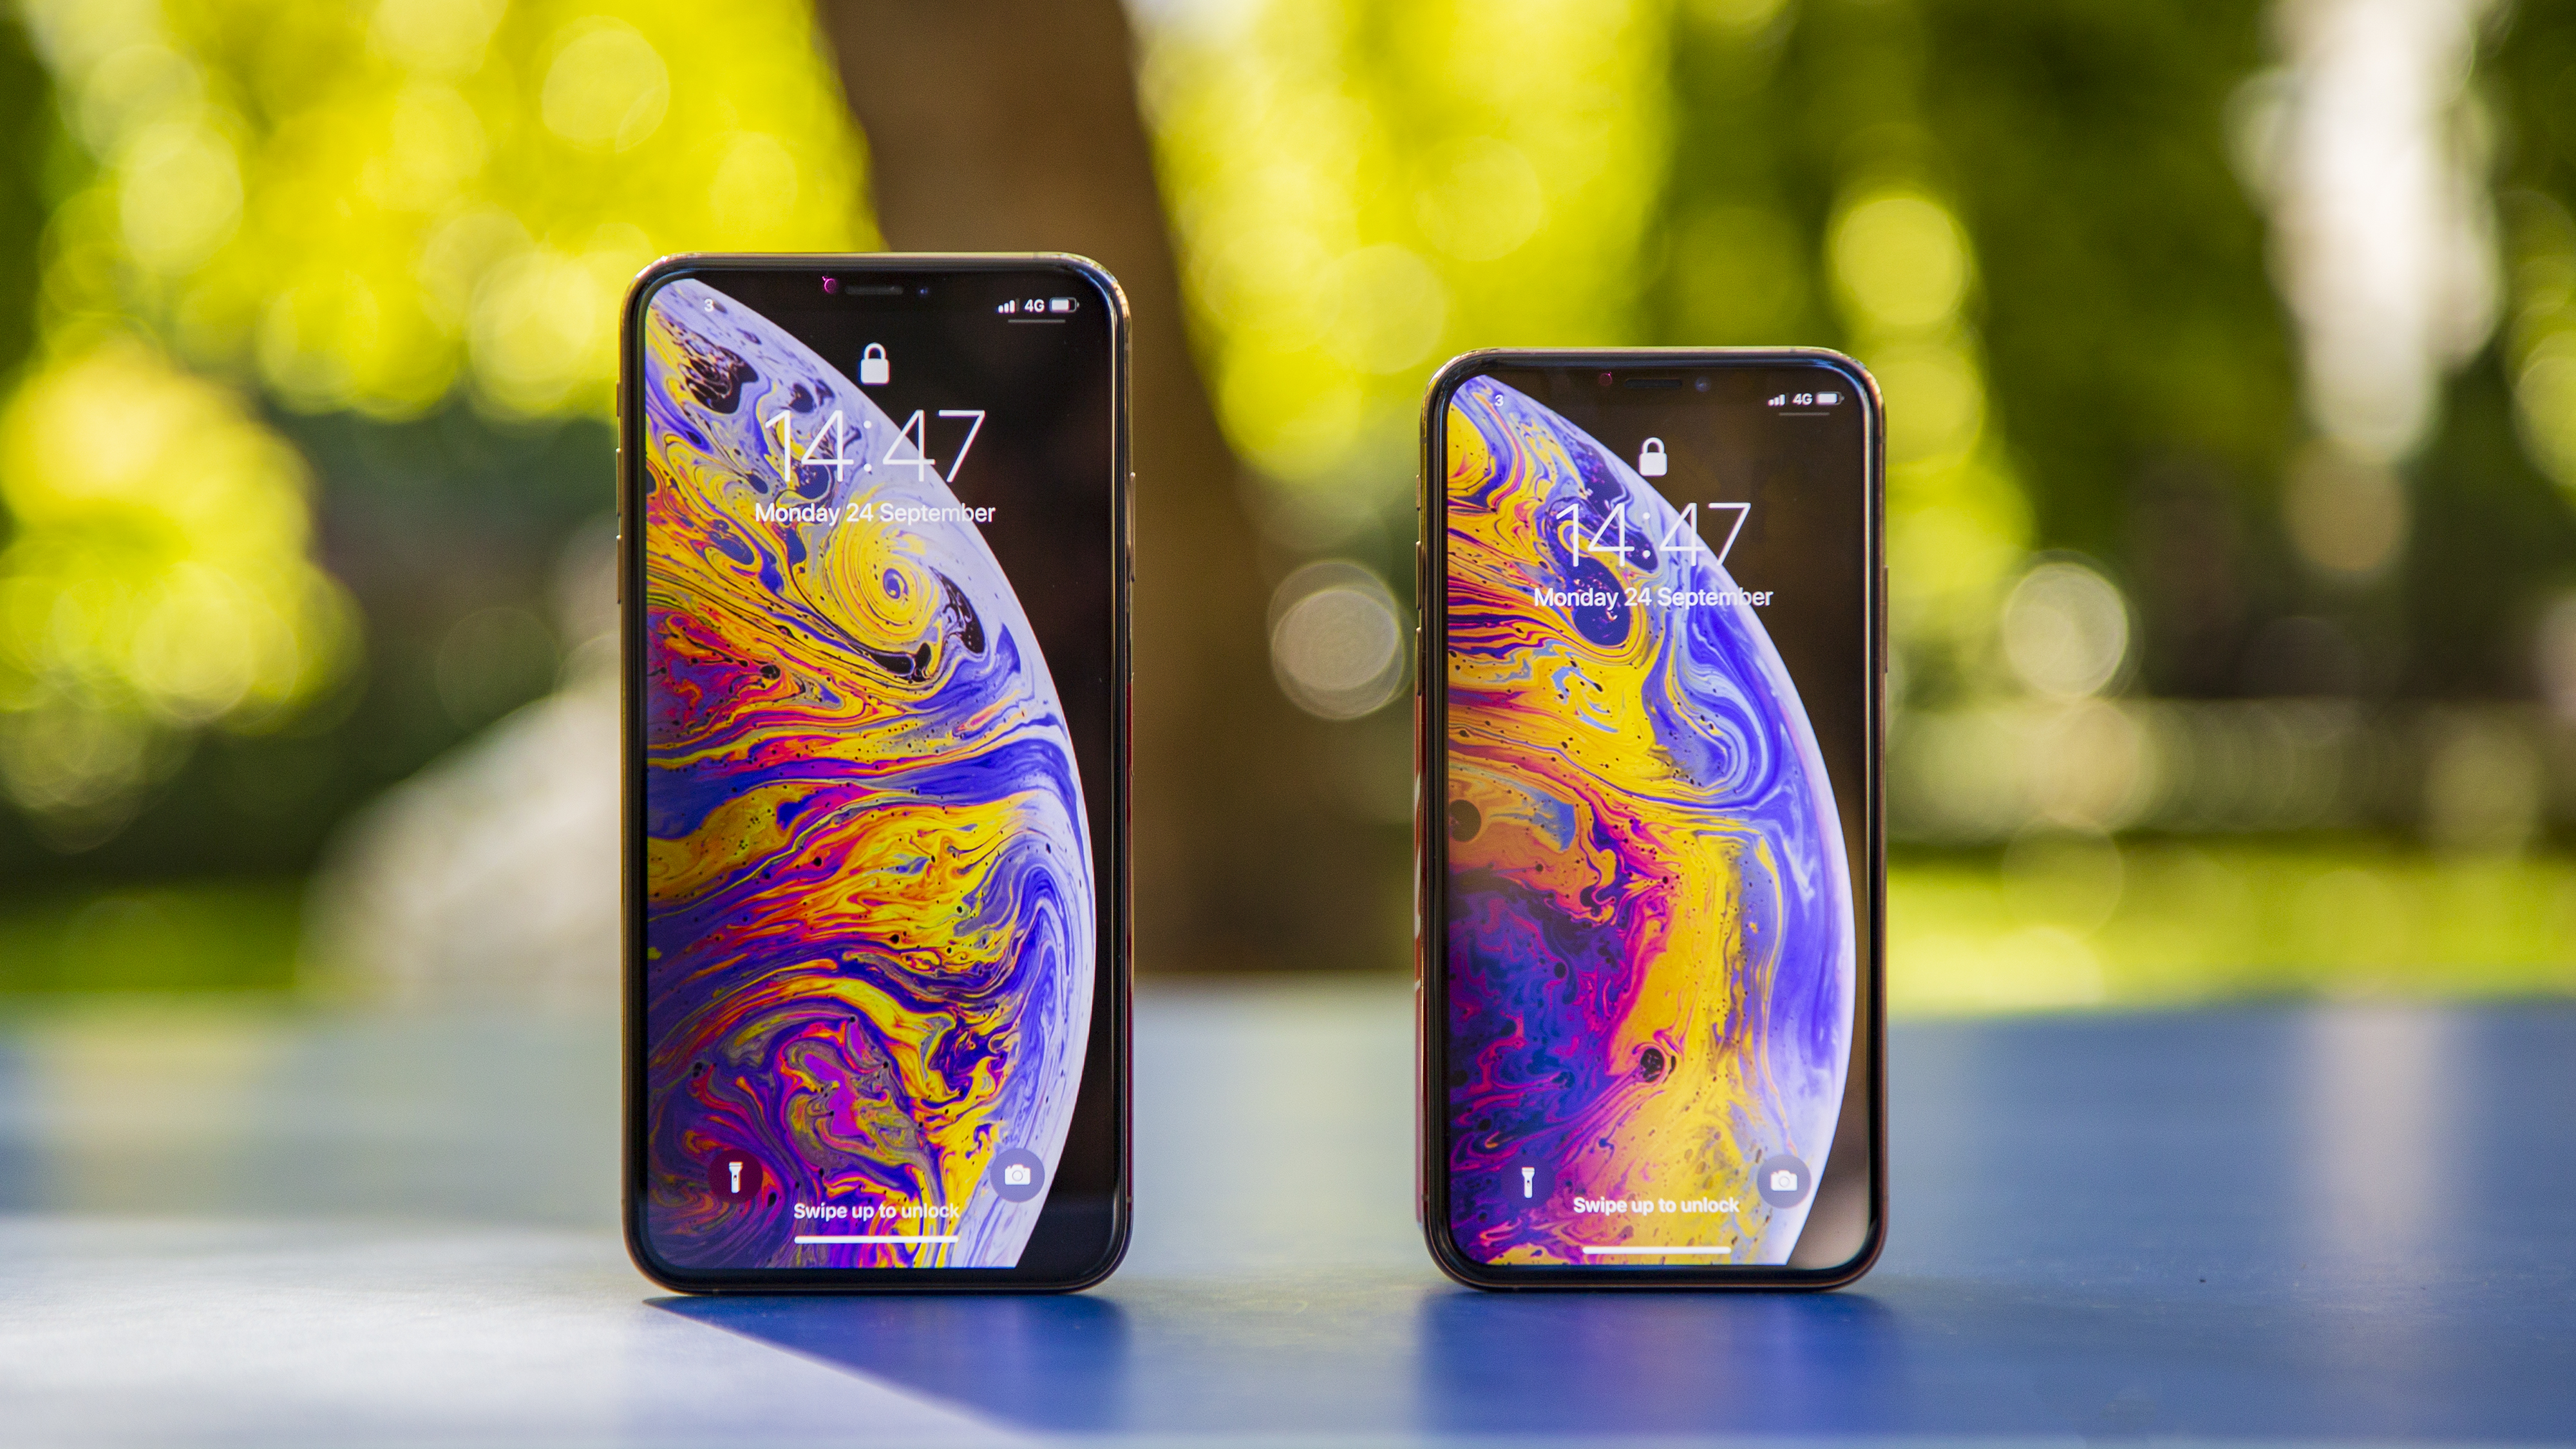 New iPhone 11